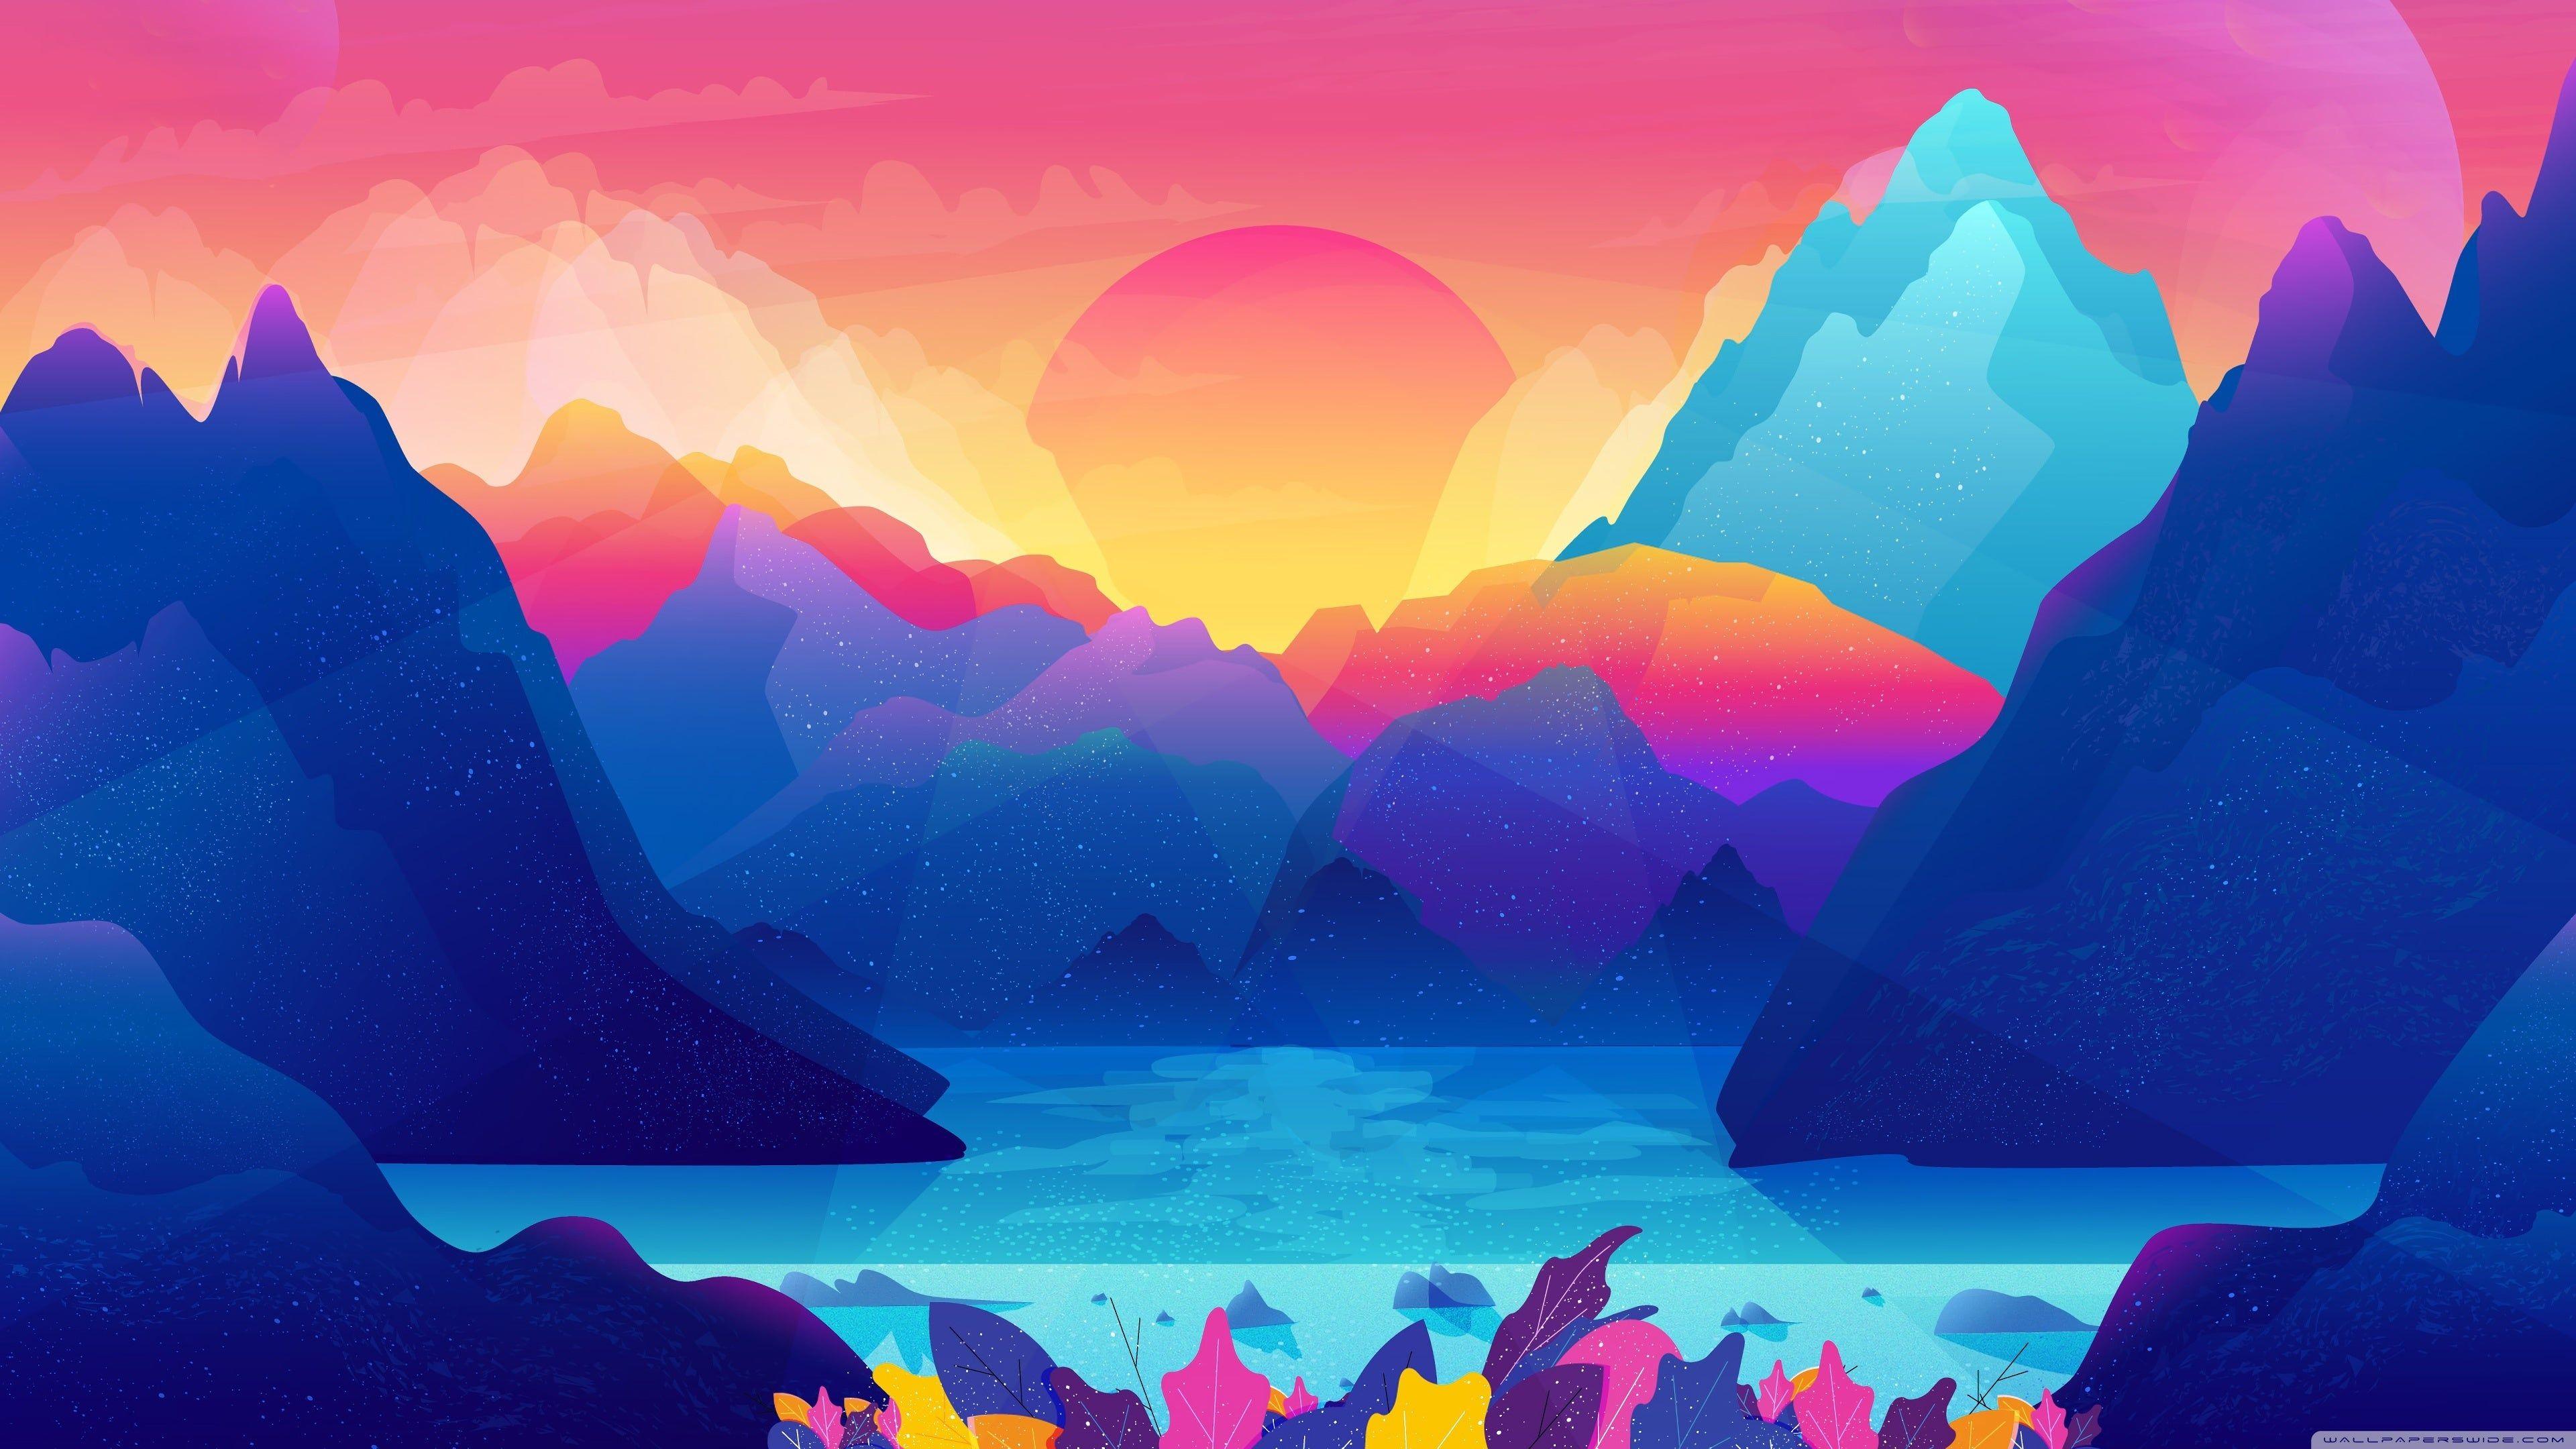 Colorful Landscape Illustration 4k Wallpaper Wallpaper Pc Wallpaper Hd Wallpaper Keren